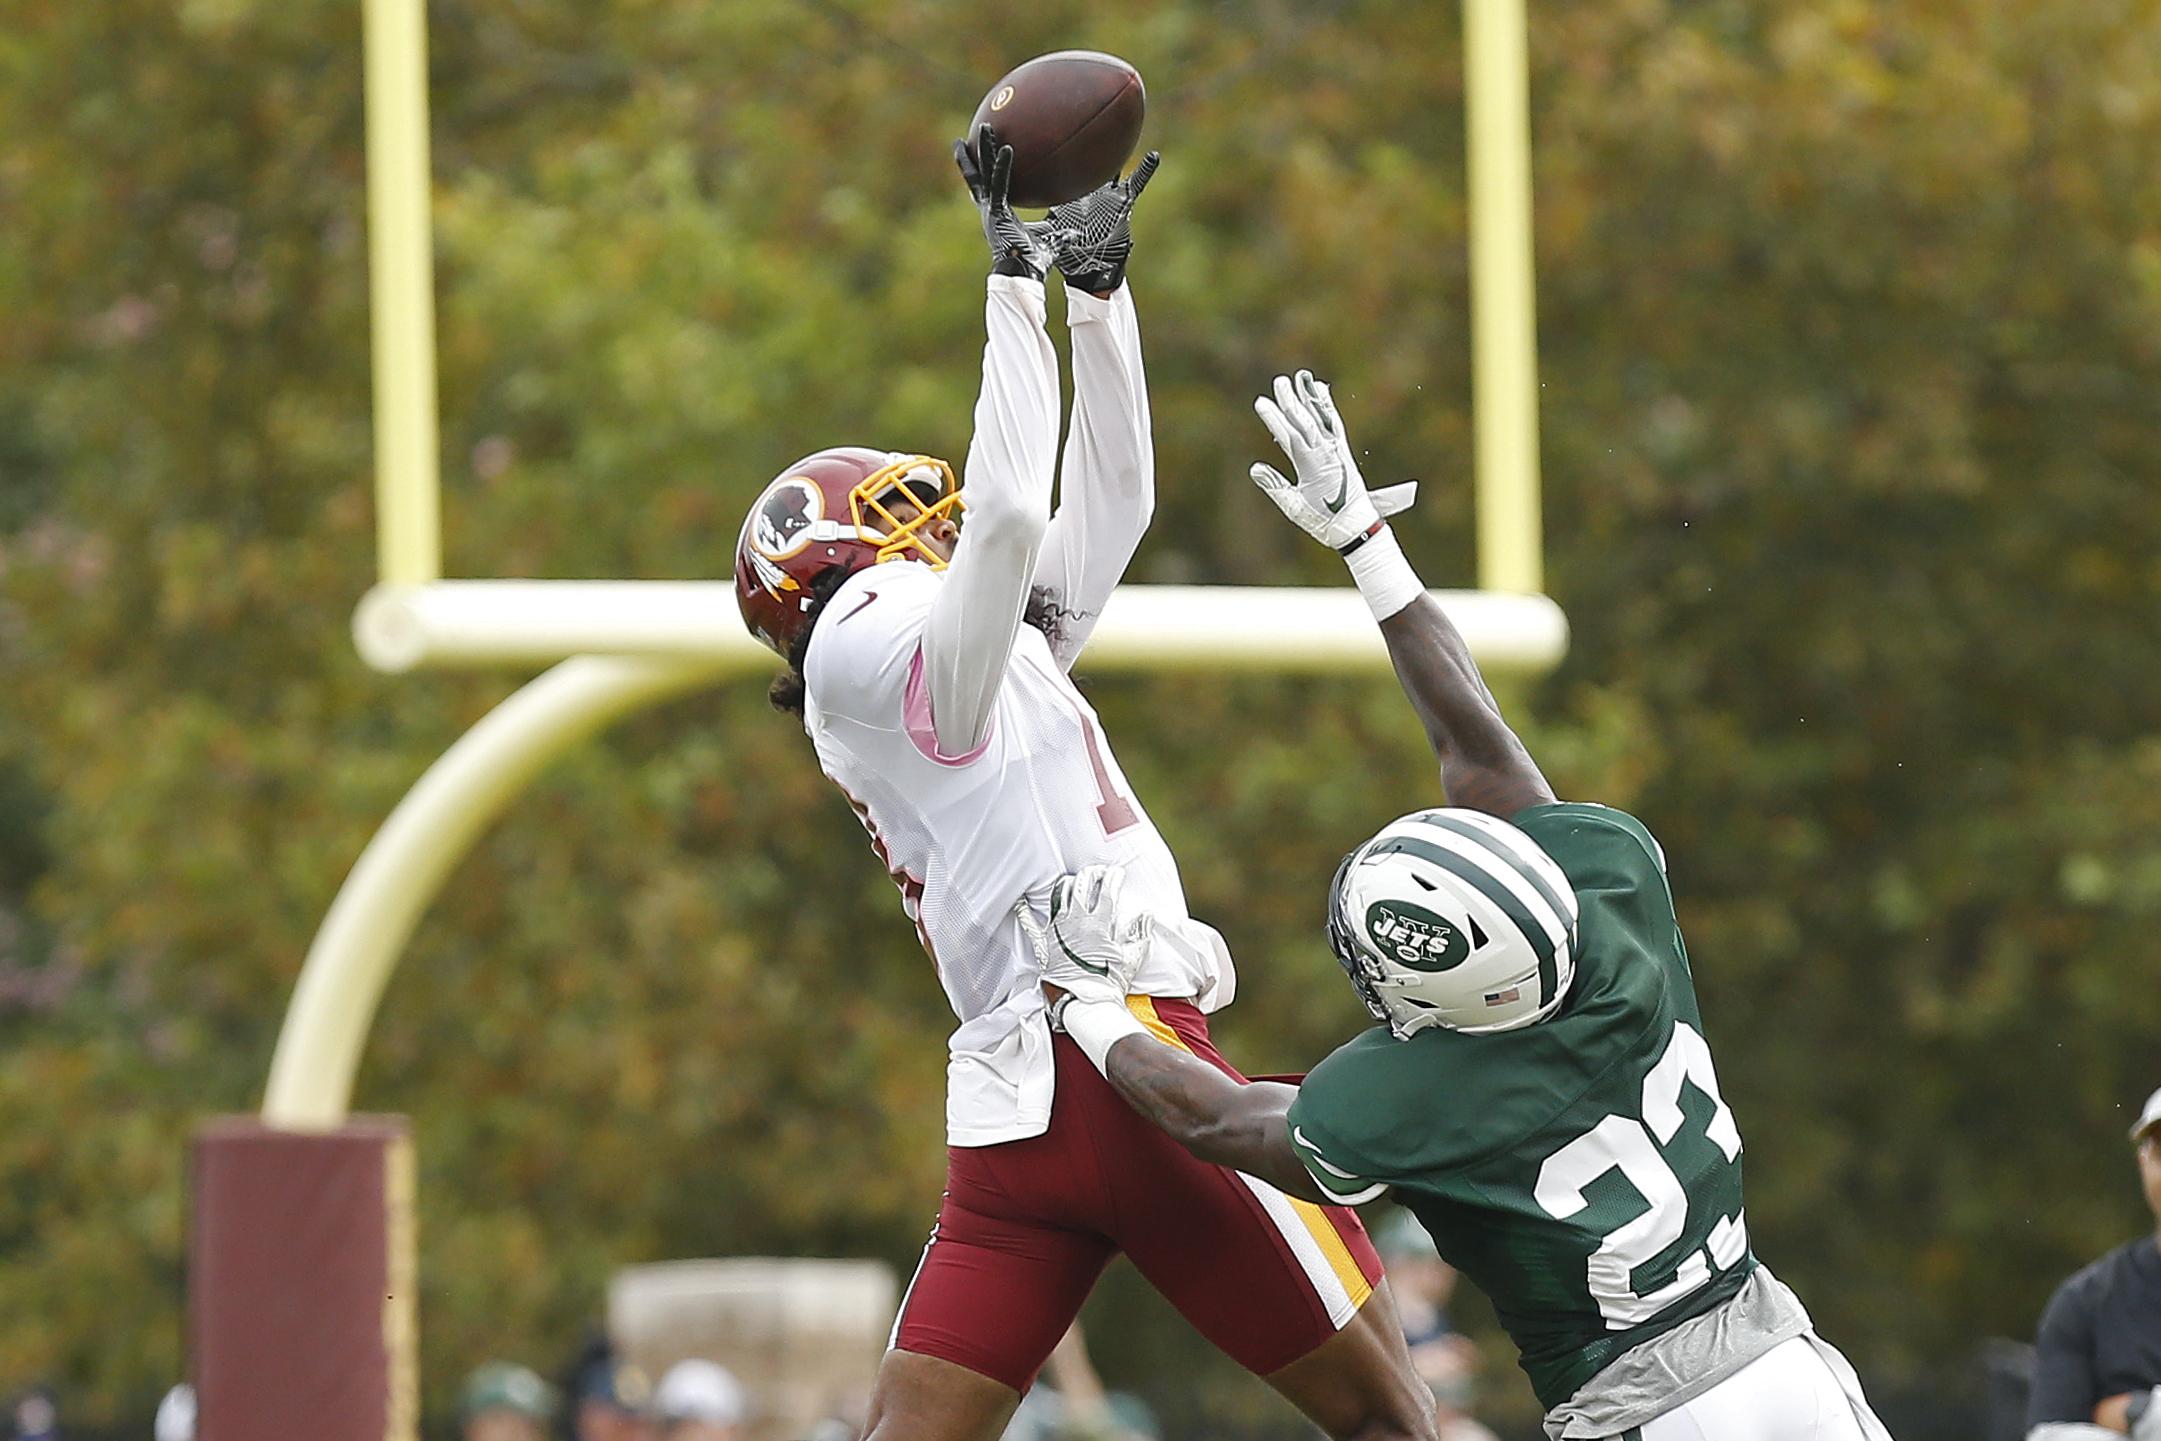 NFL: Scrimmage-New York Jets at Washington Redskins